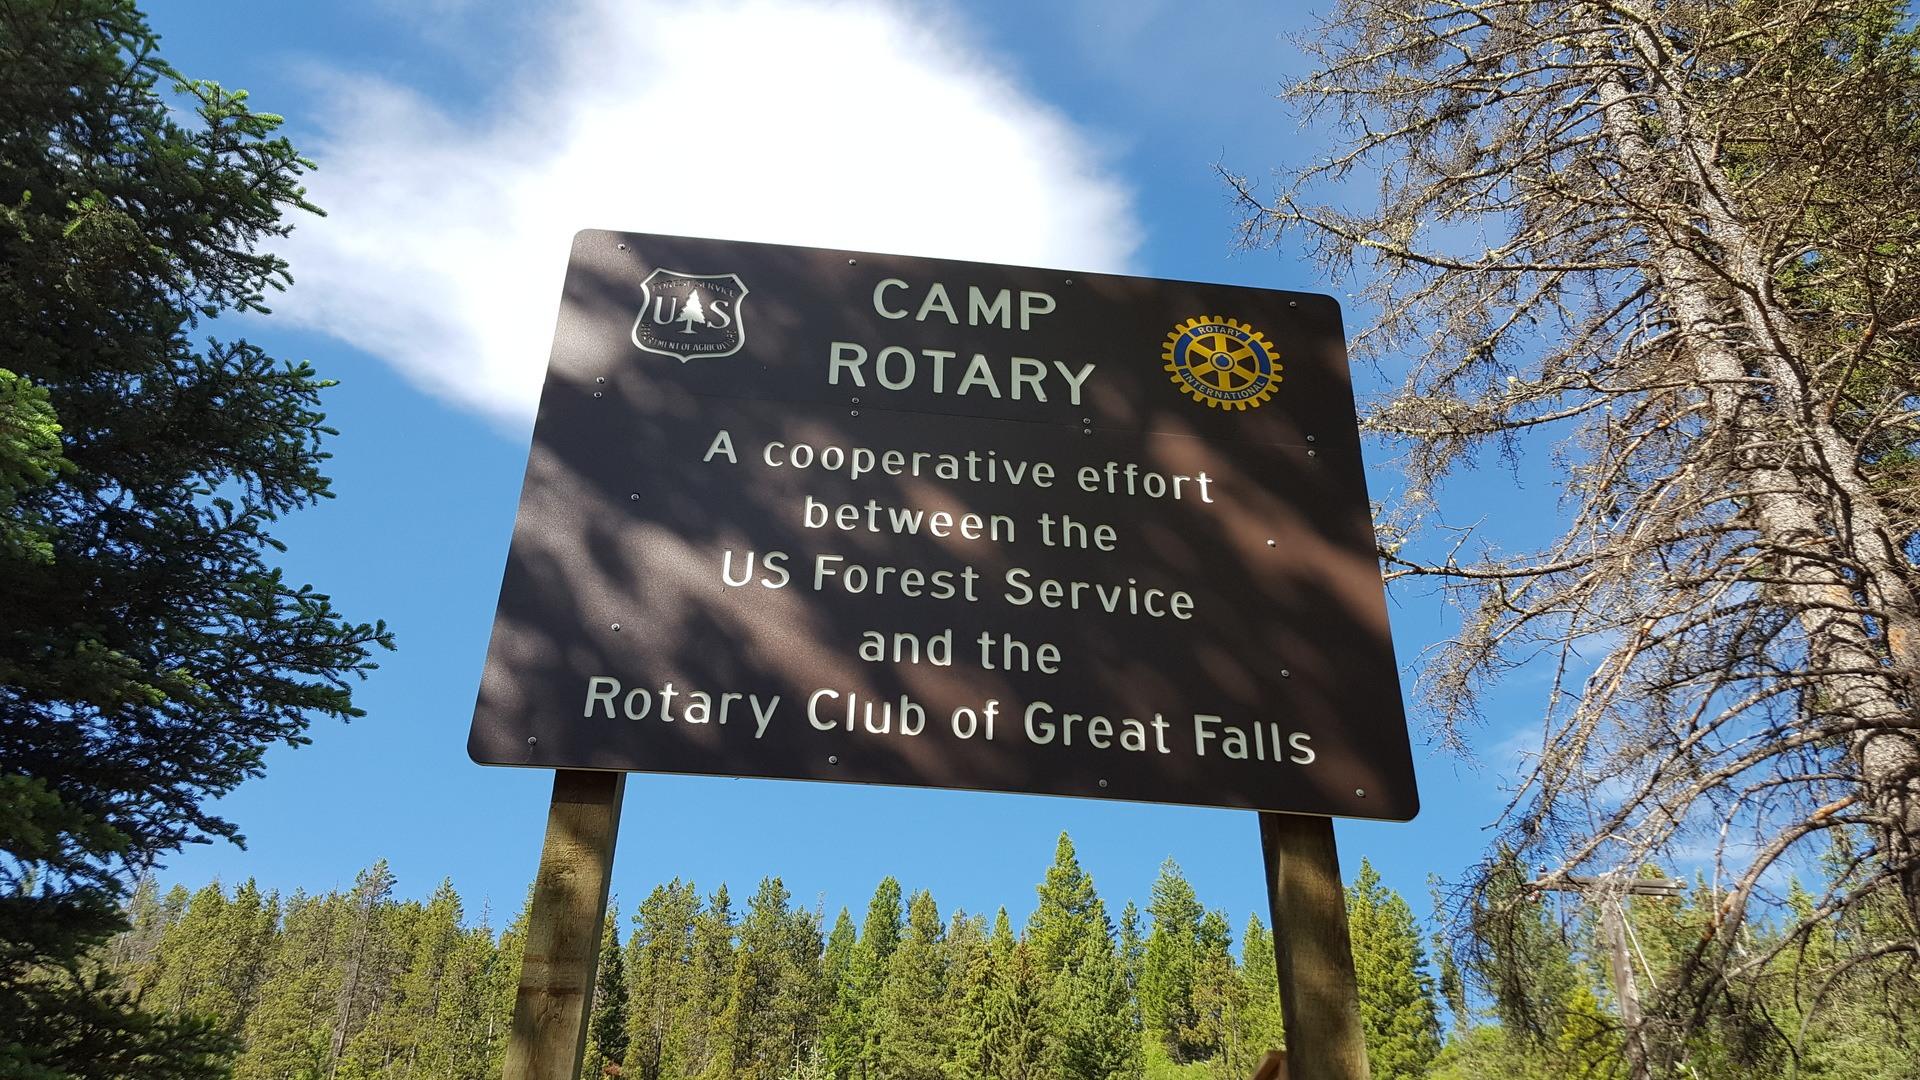 17 -Camp Rotary Sign Closeup